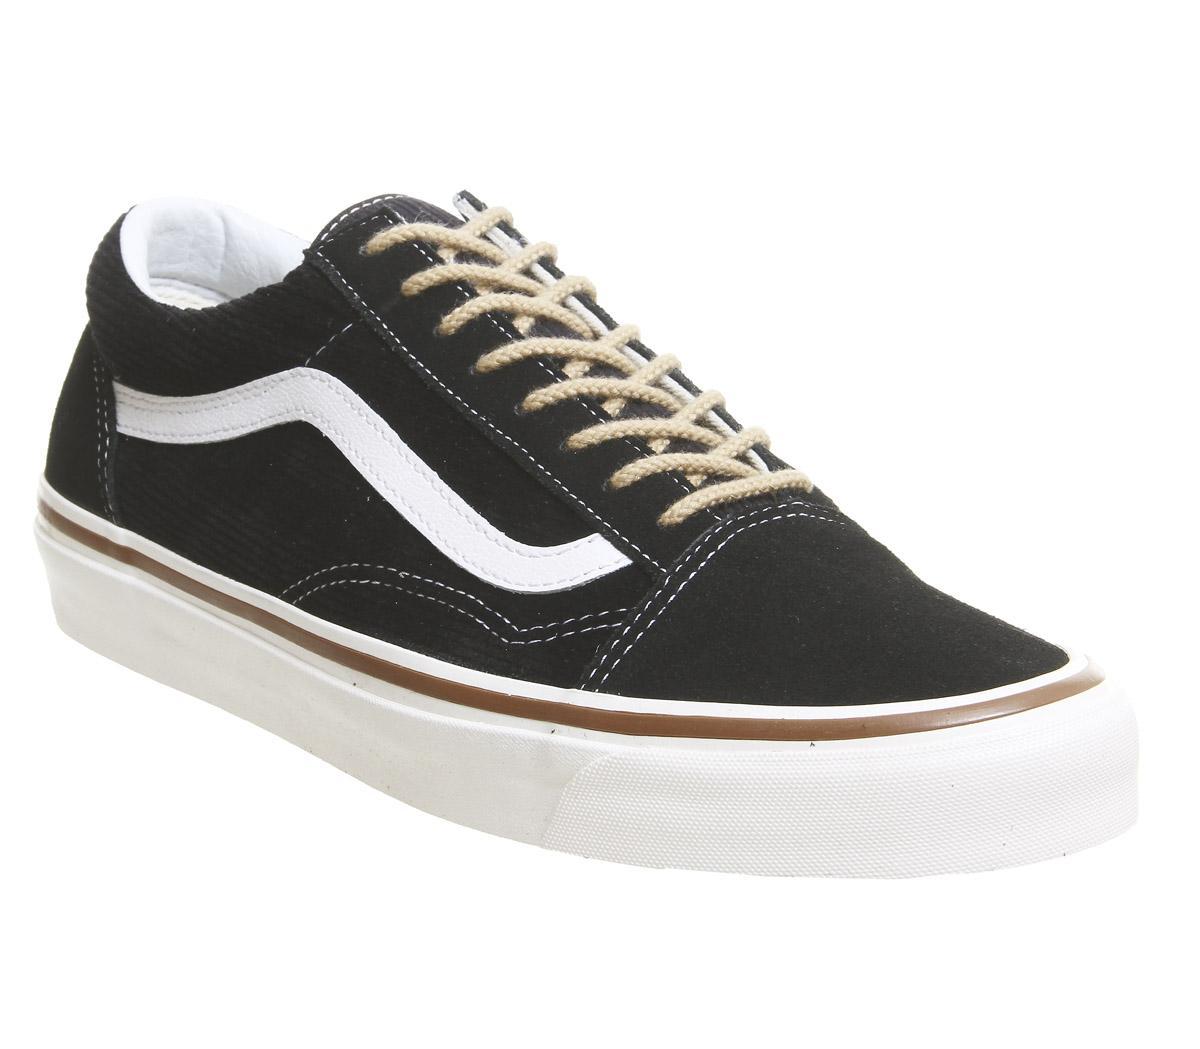 ef297714aa0 Lyst - Vans Old Skool Dx Trainers in Black for Men